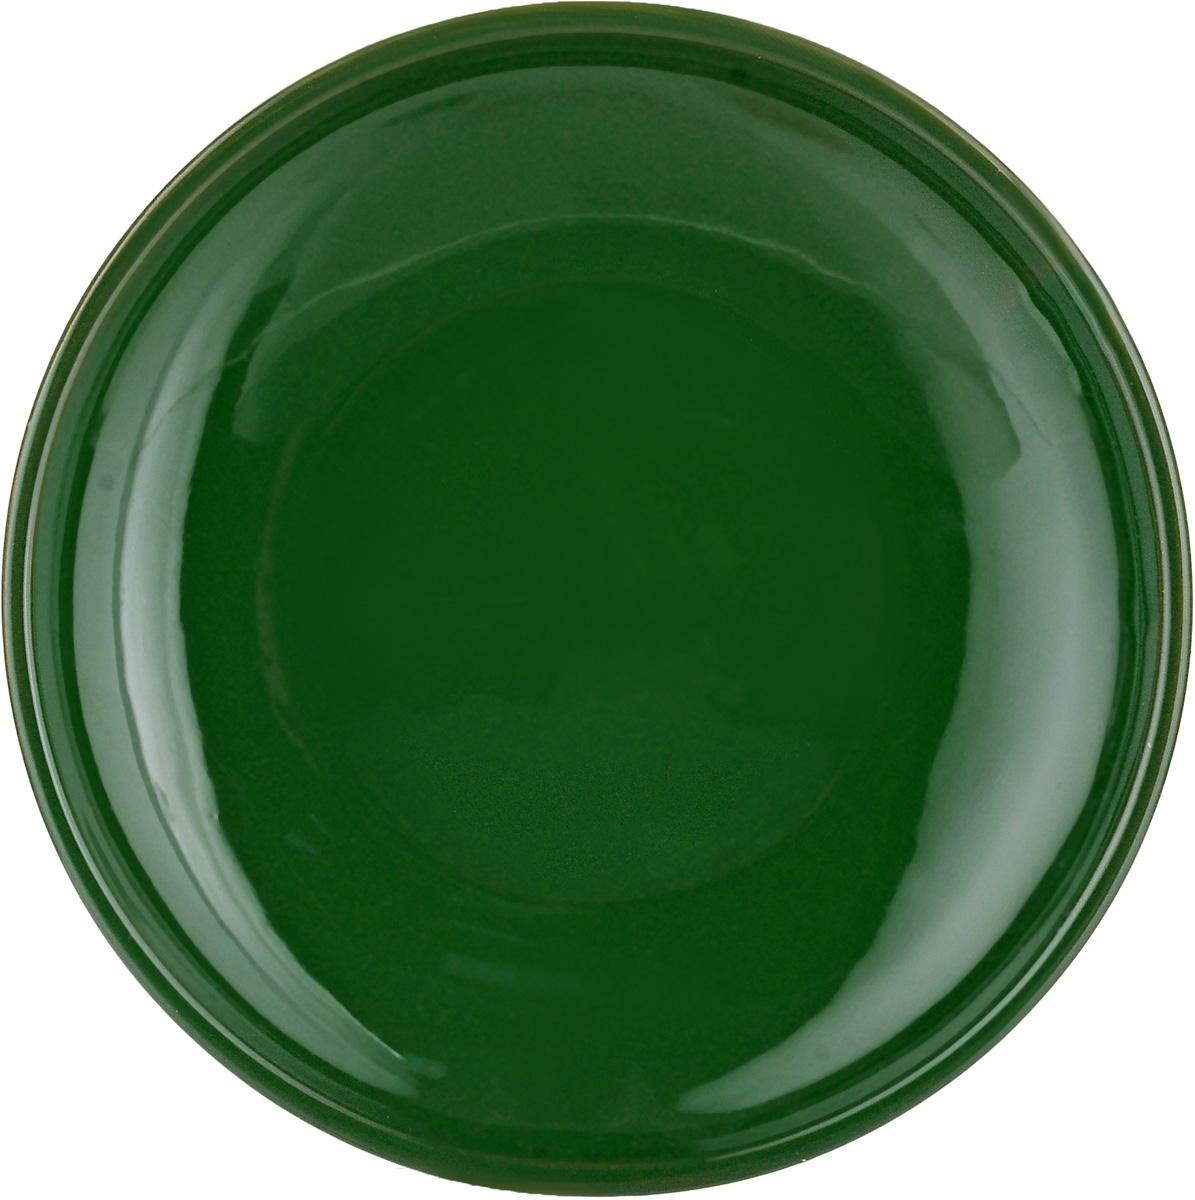 Блюдце Борисовская керамика Радуга, цвет: зеленый, диаметр 10 смРАД14458109_зеленыйБлюдце Борисовская керамика Радуга, цвет: зеленый, диаметр 10 см